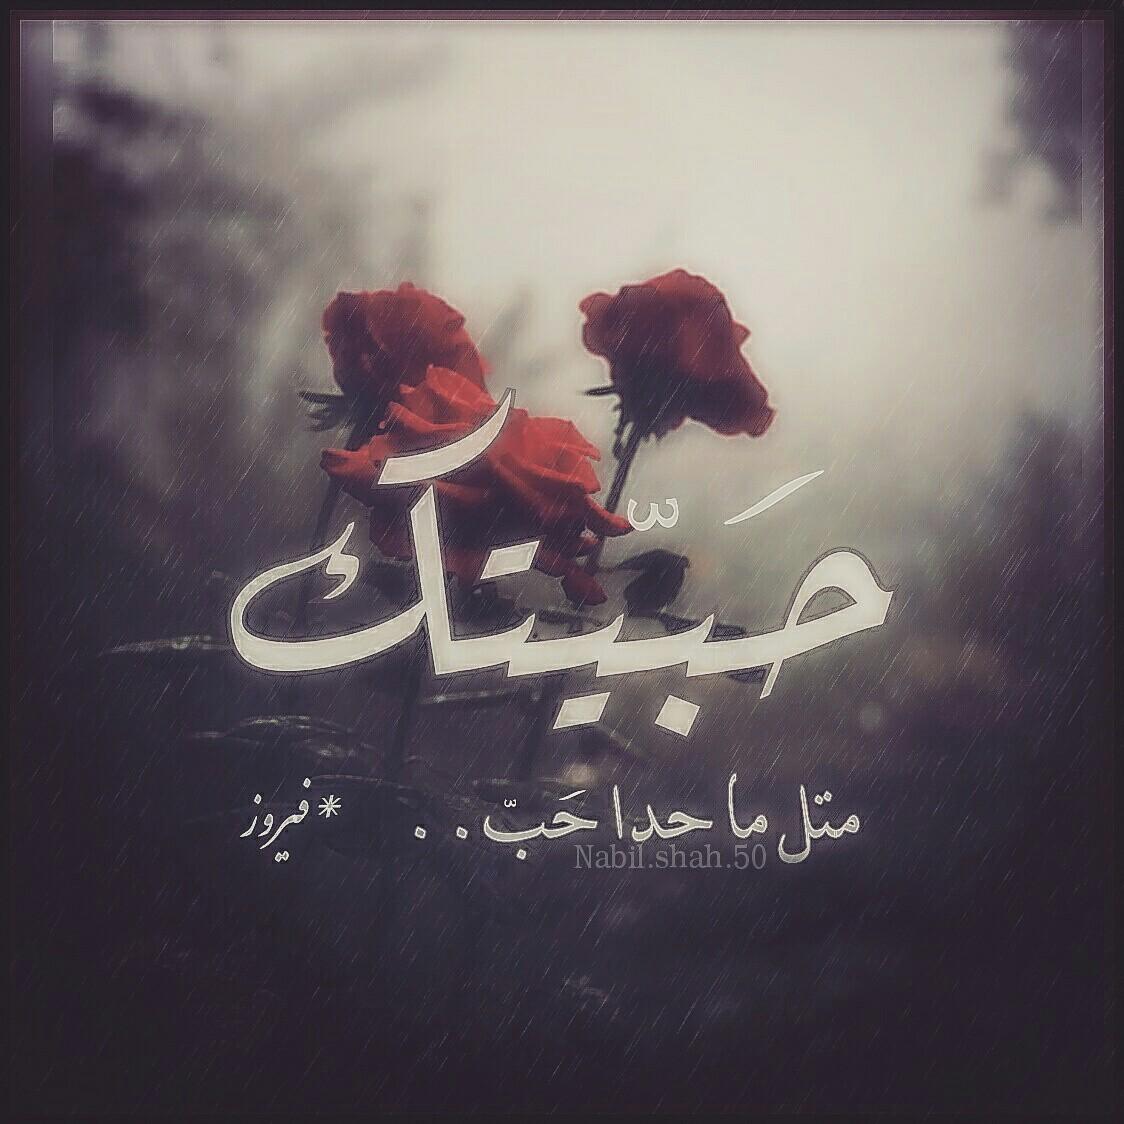 صورة اجمل مسجات الحب , اروع كلمات الحب للحبيب